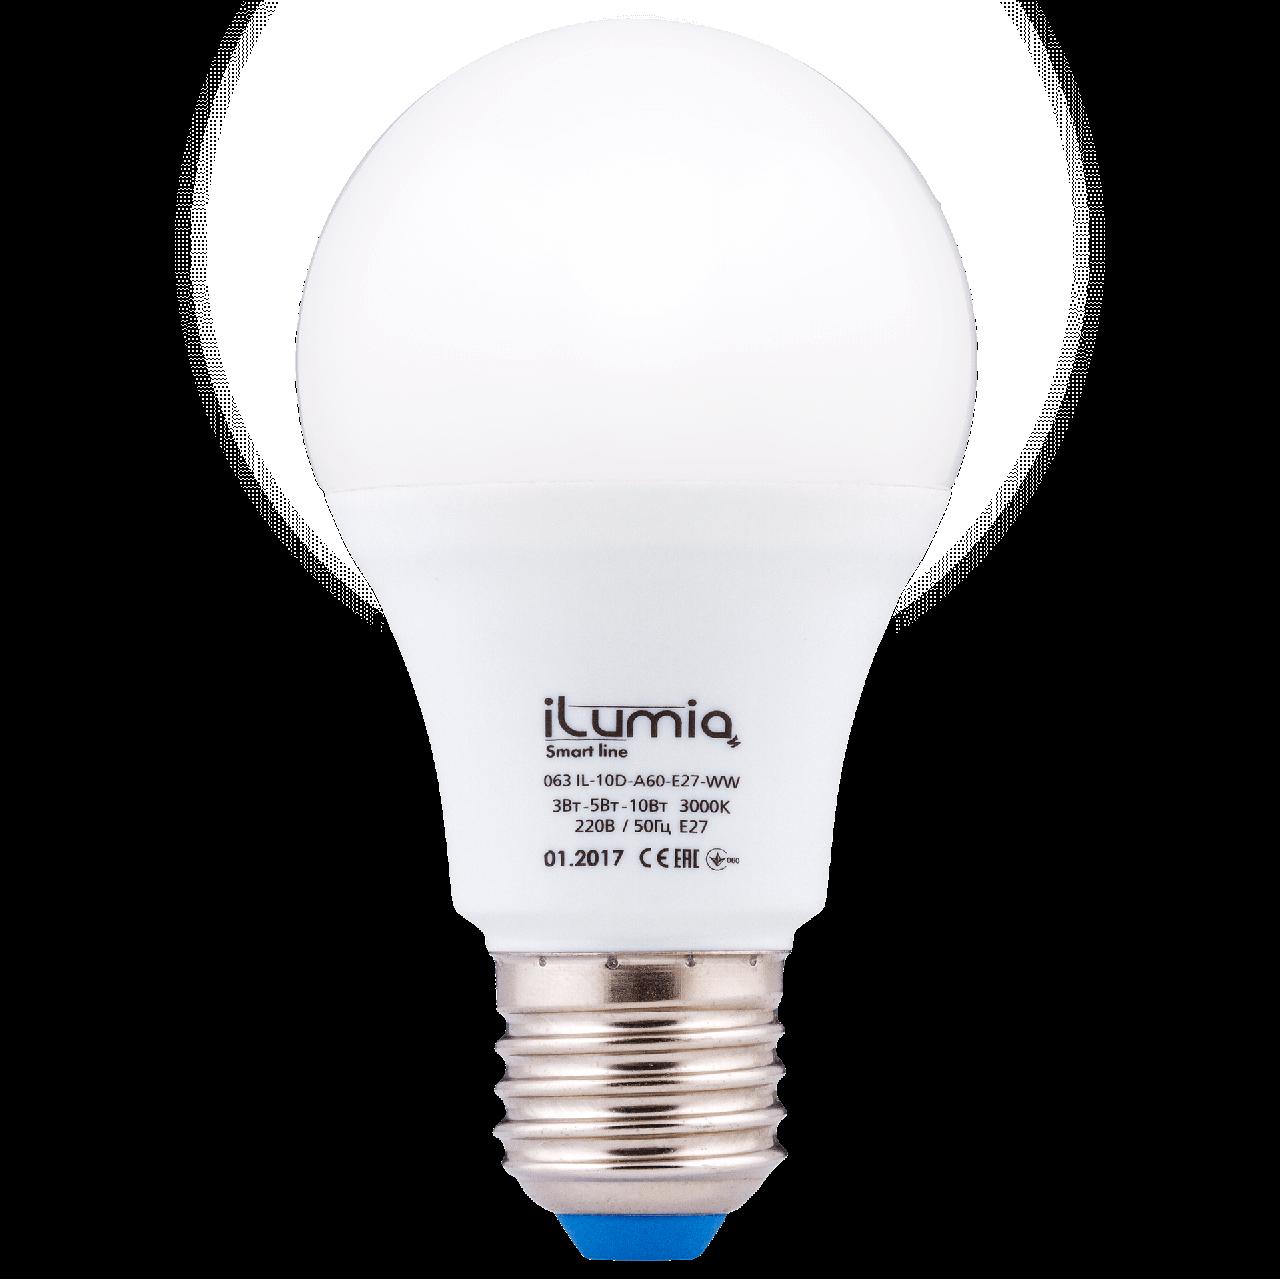 Светодиодная лампа Ilumia диммер 3-5-10Вт, цоколь Е27, 3000К (теплый белый), 1000Лм (063)